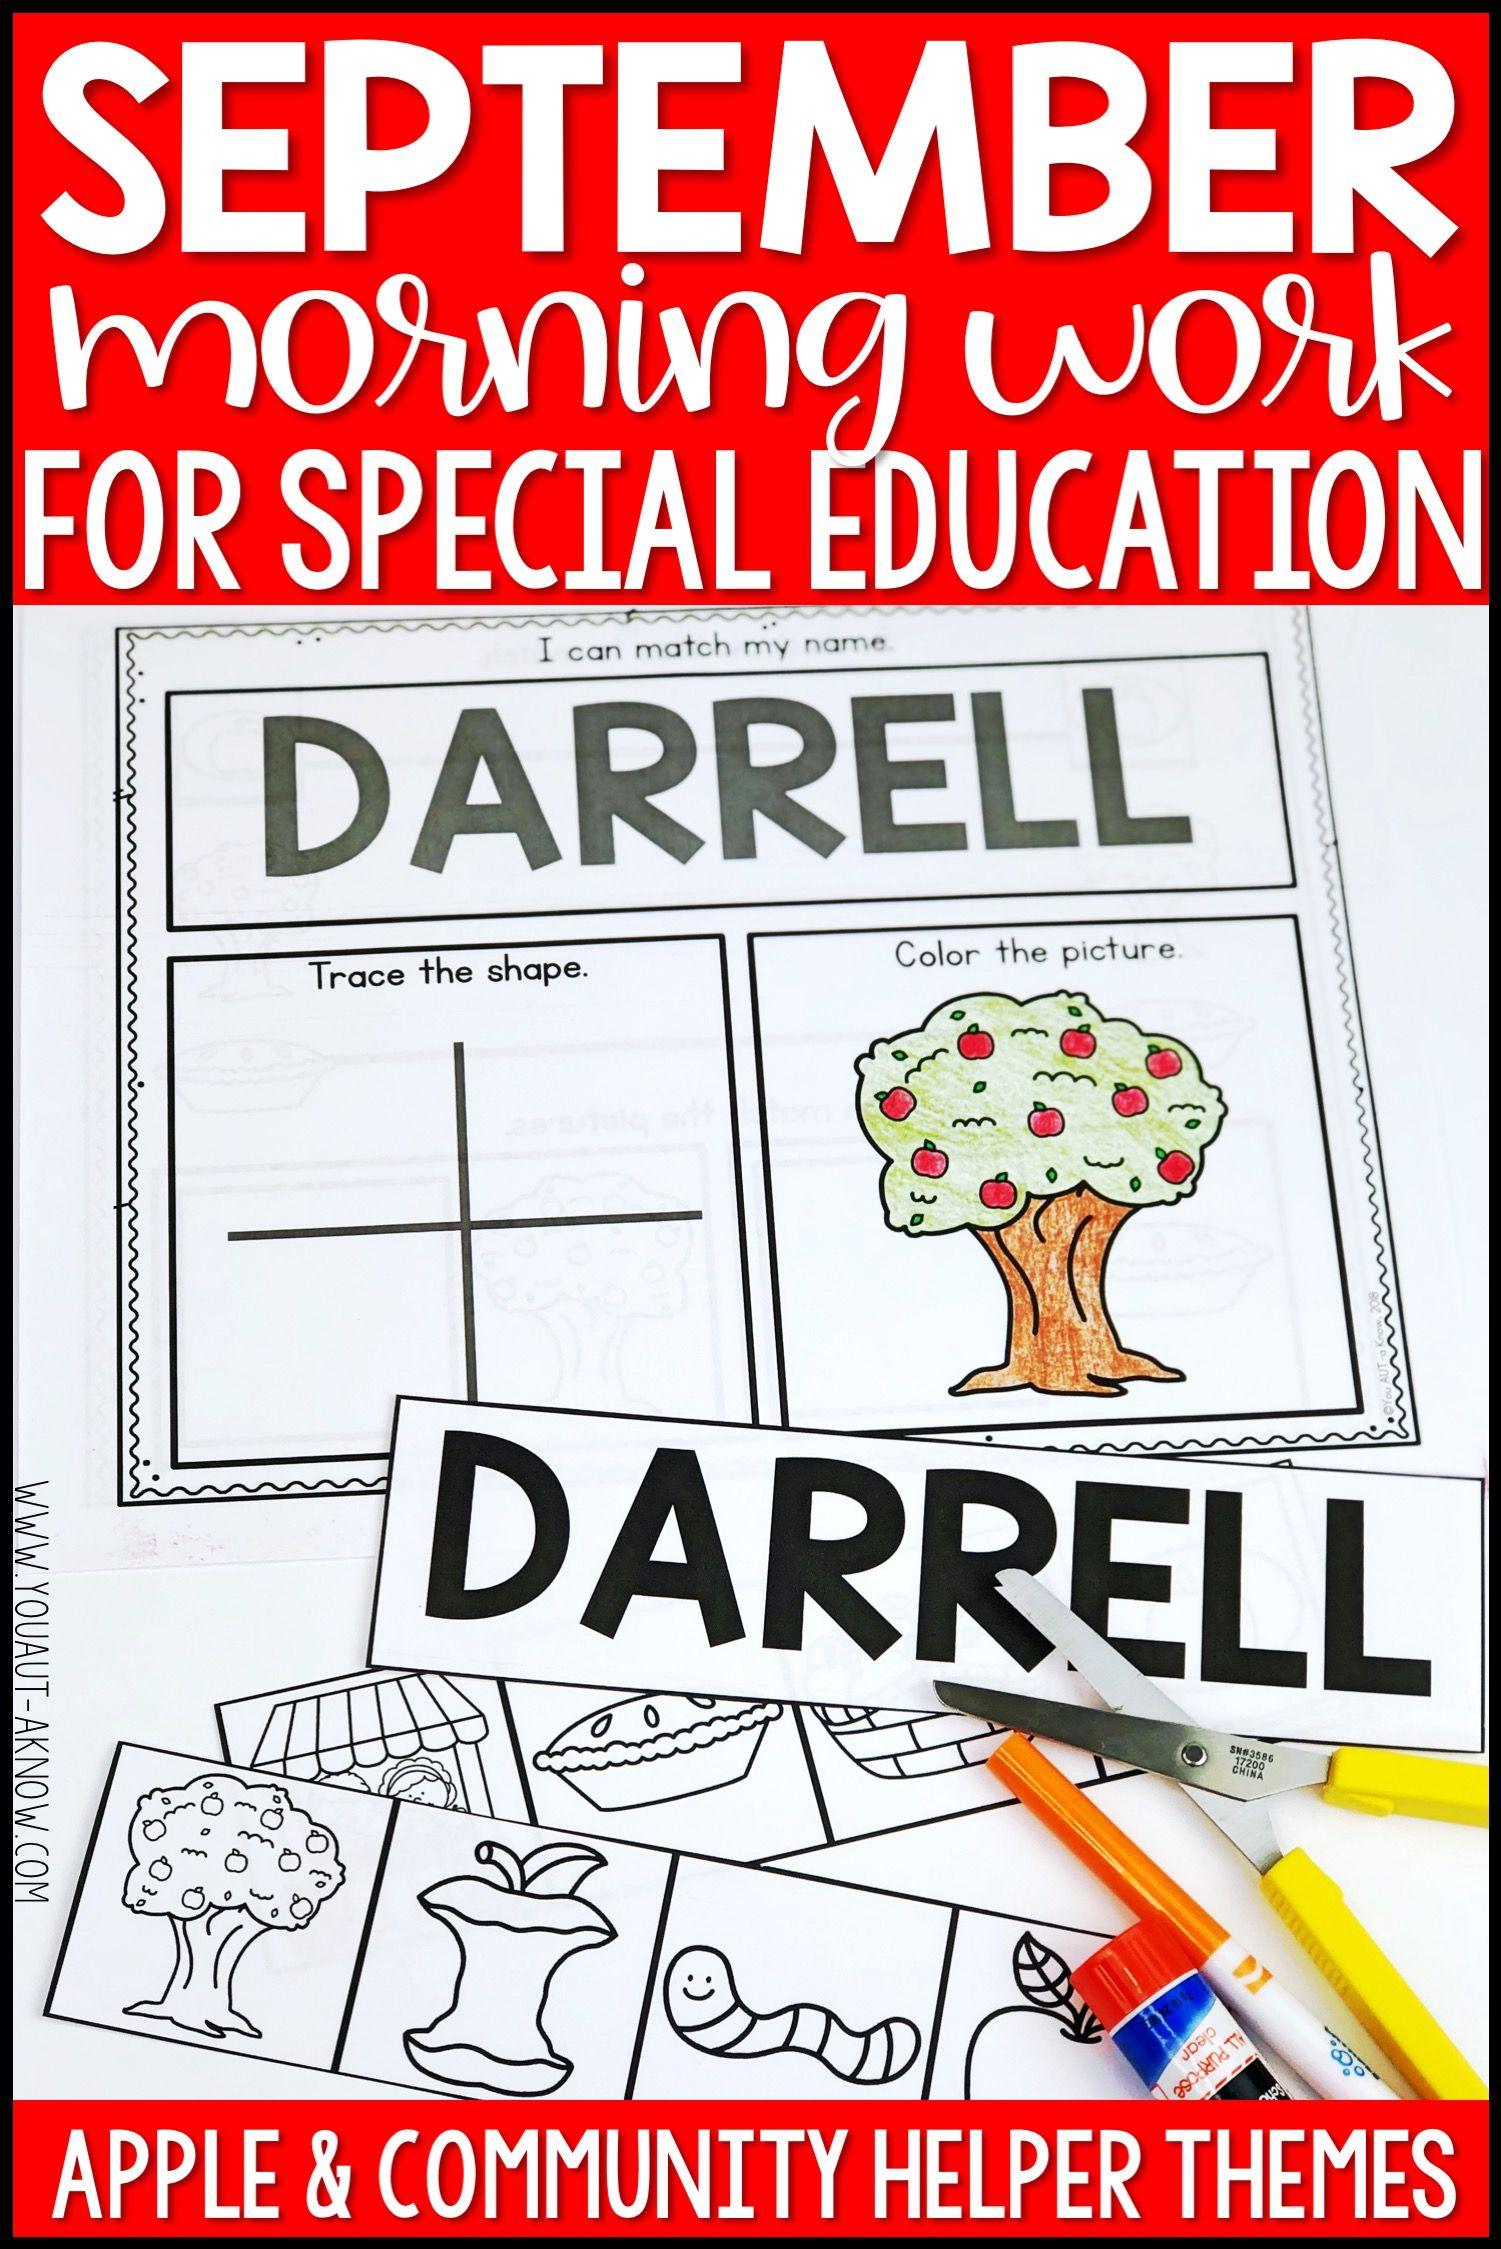 Beginning Special Education Morning Work September